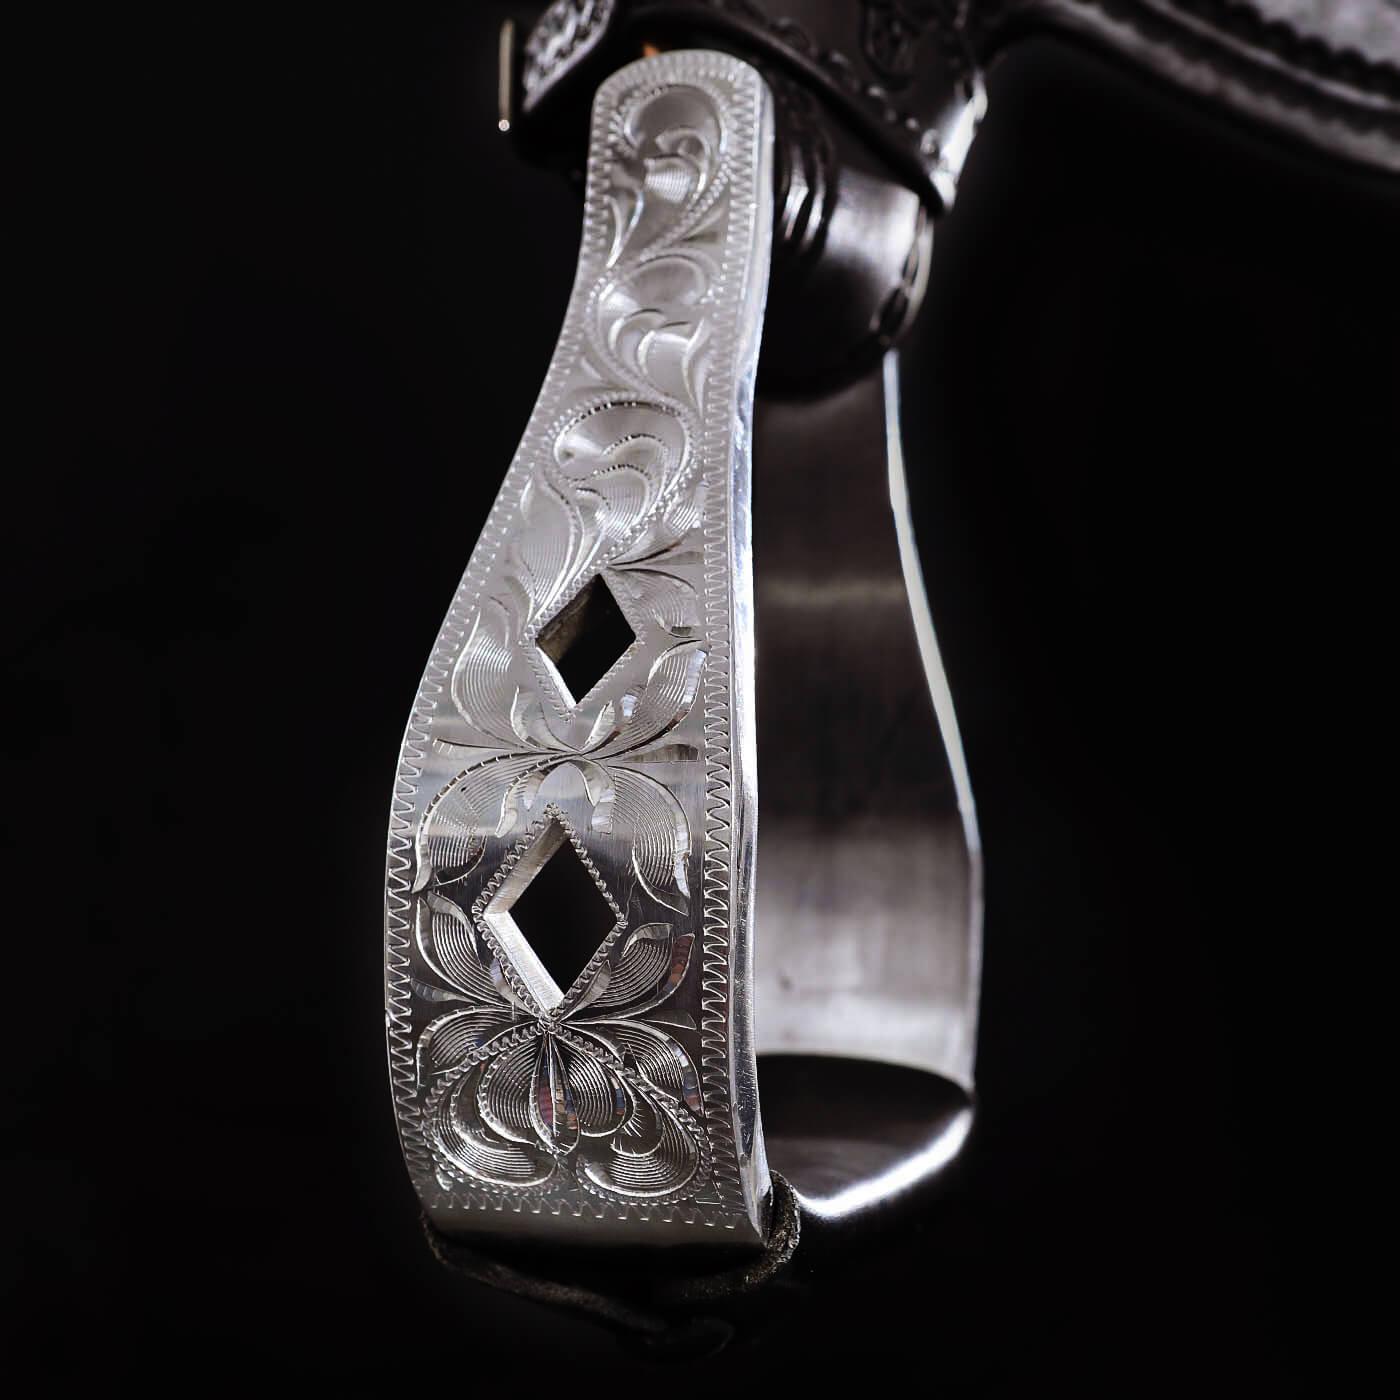 7G Sattel Materialien Silber